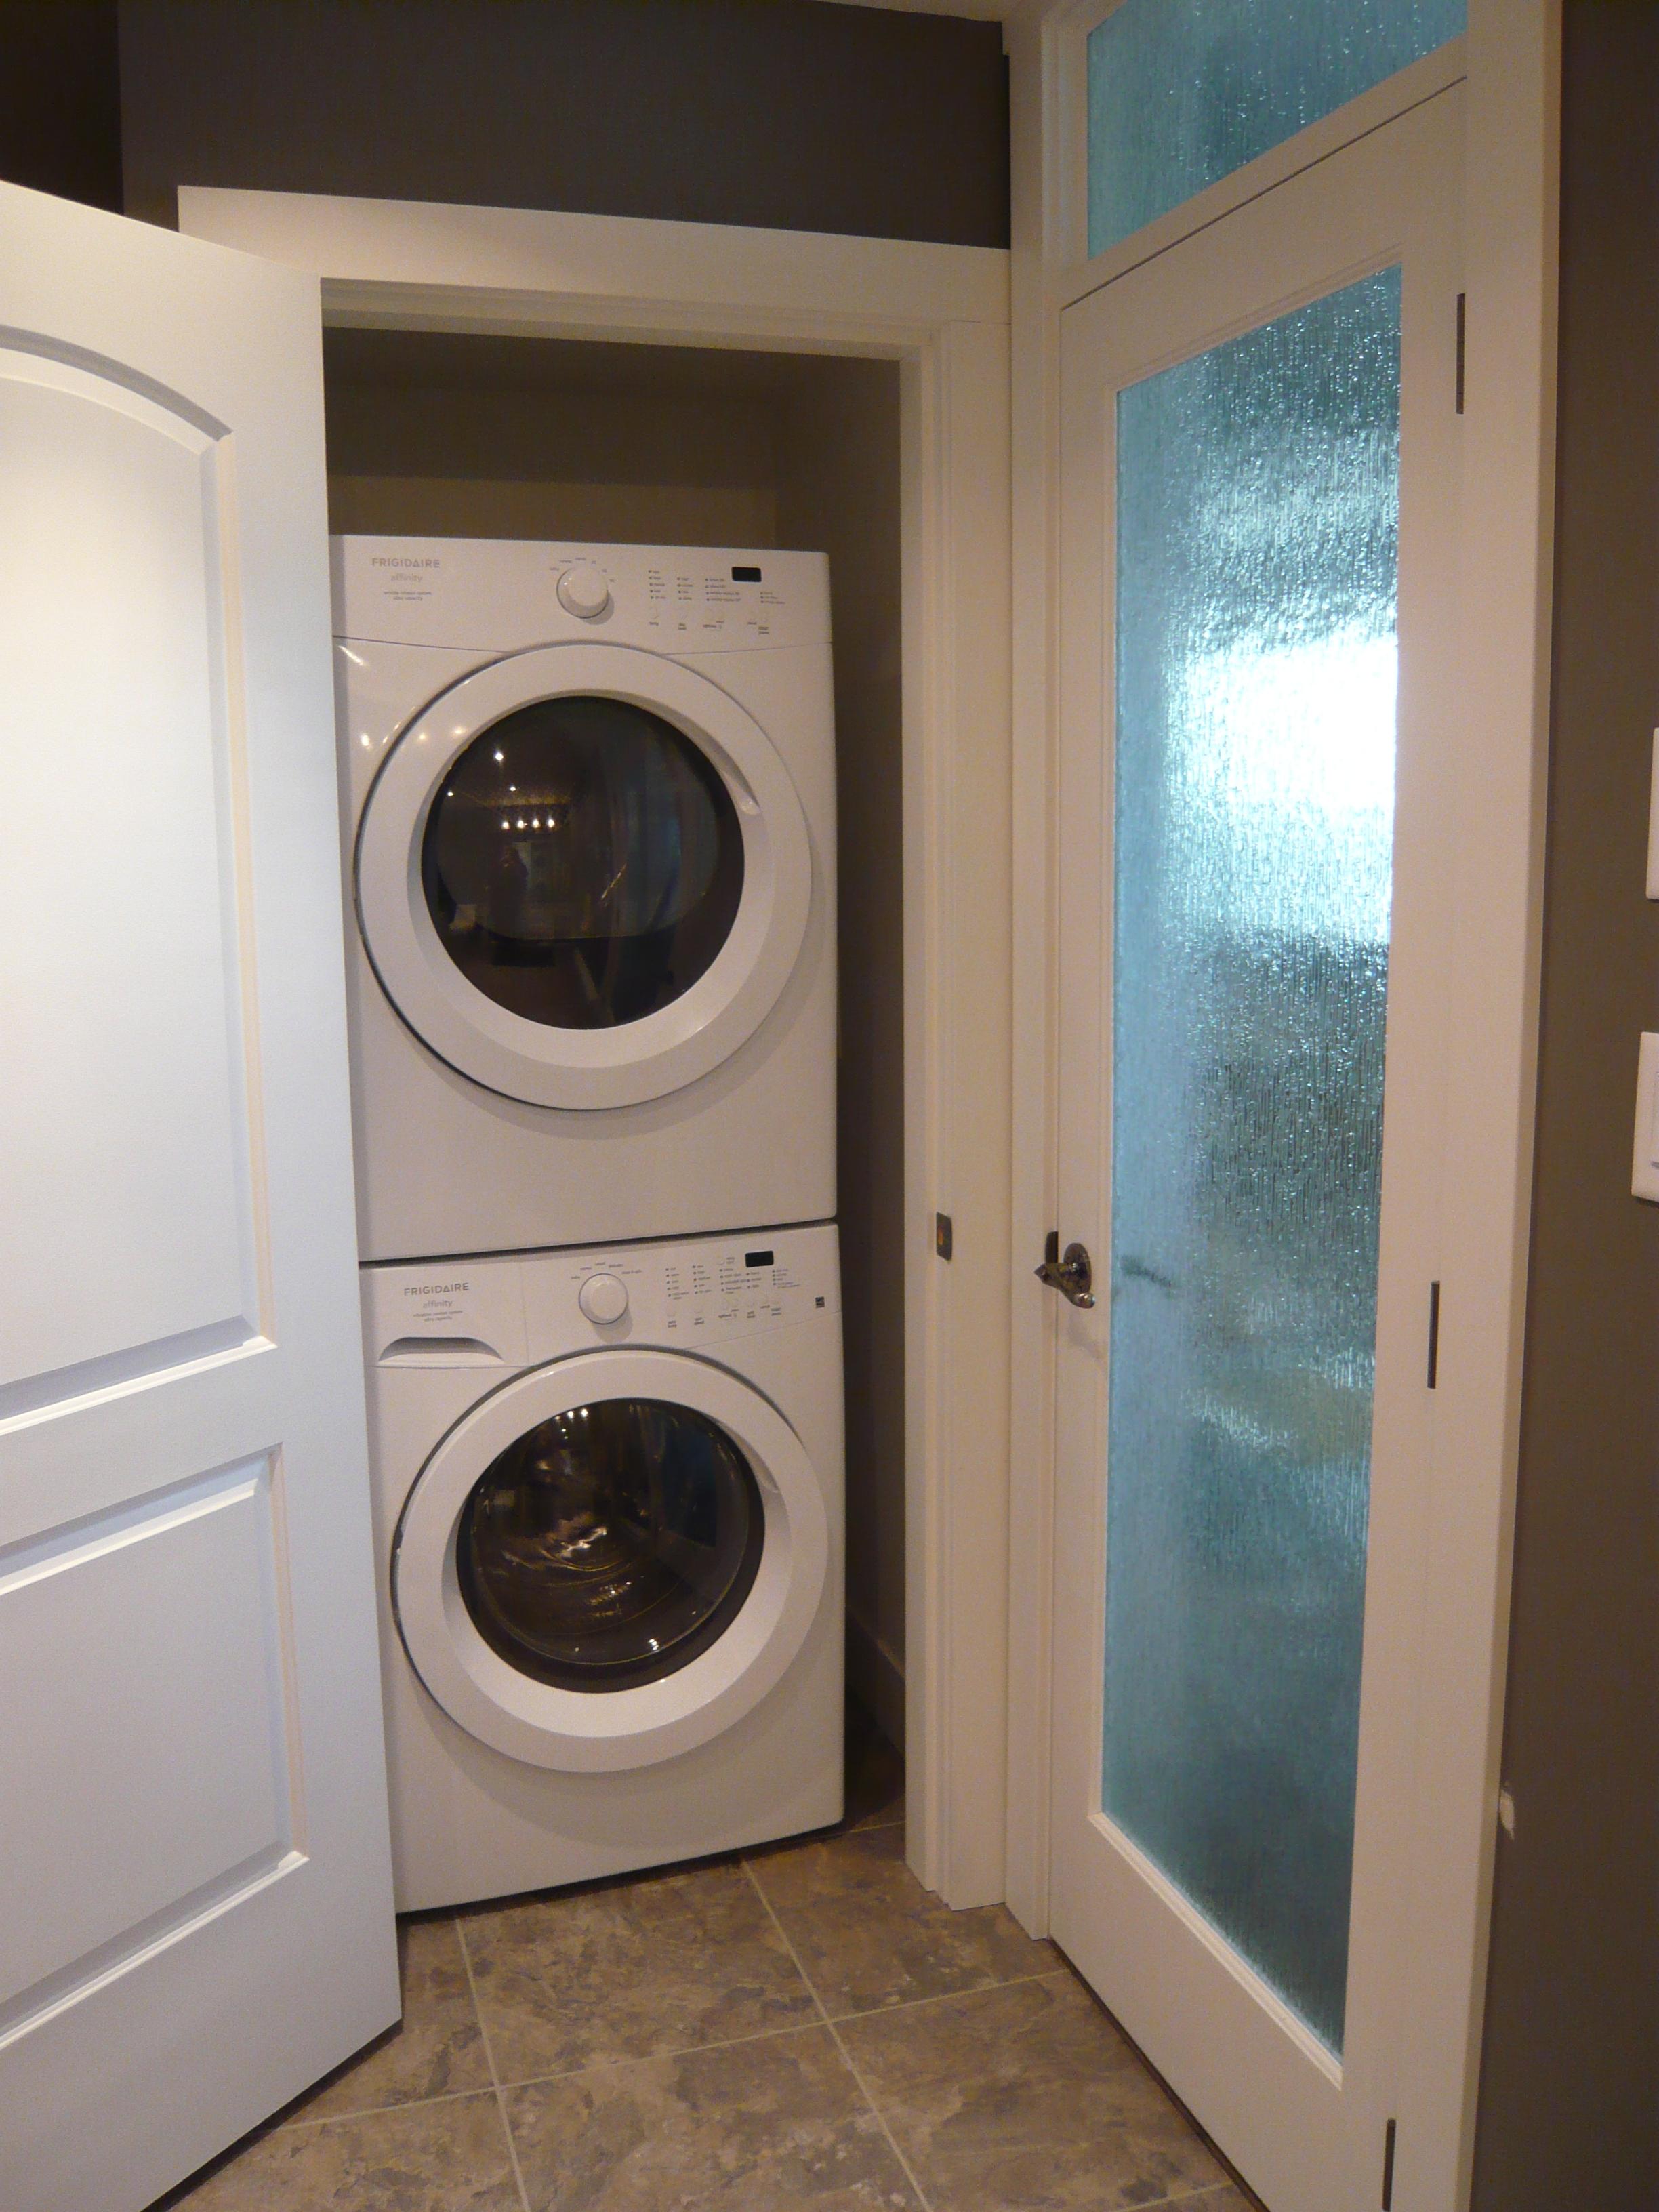 Stackable Washer/Dryer in Bathroom